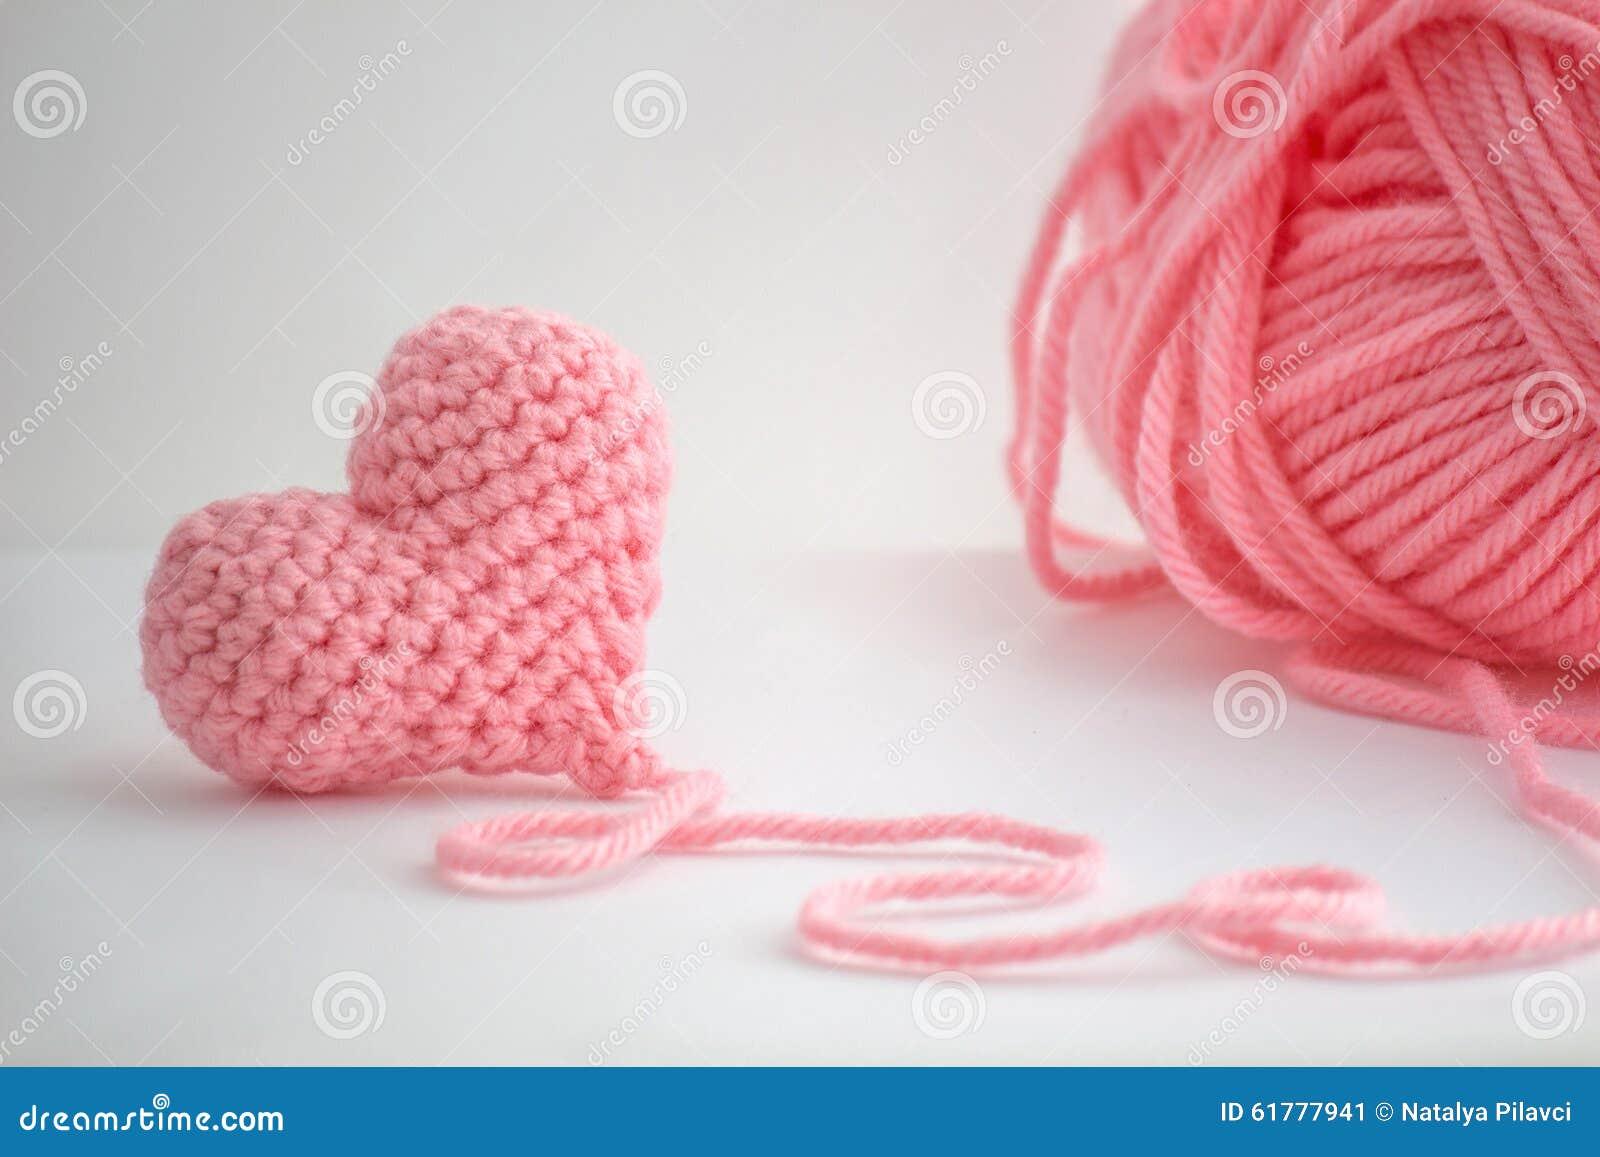 Petit coeur à crochet adorable et un écheveau de fil